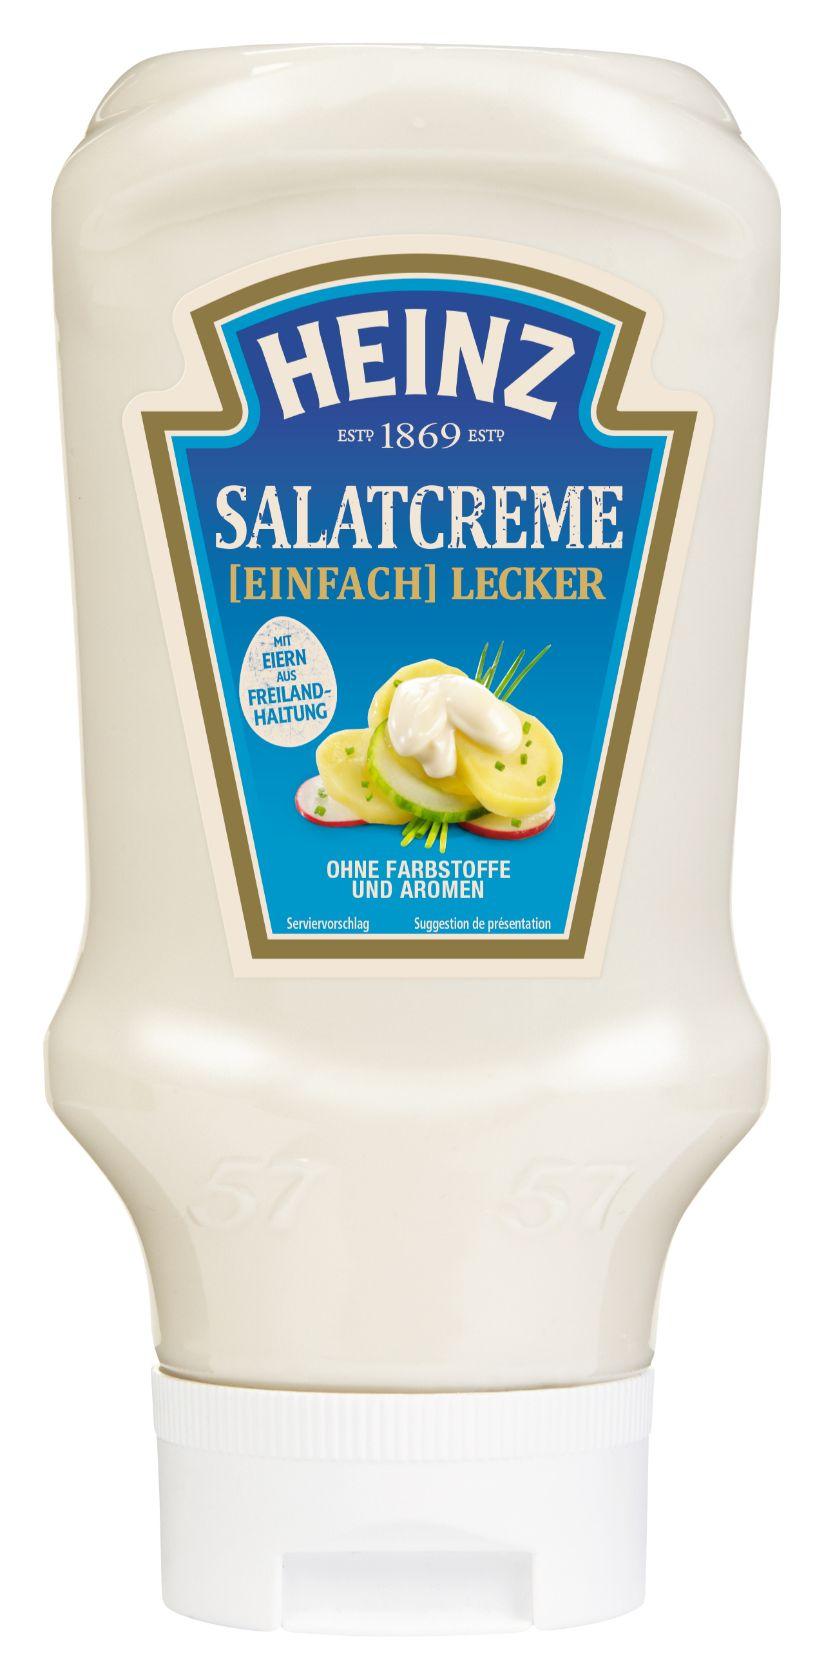 Heinz Salatcreme 400ml image